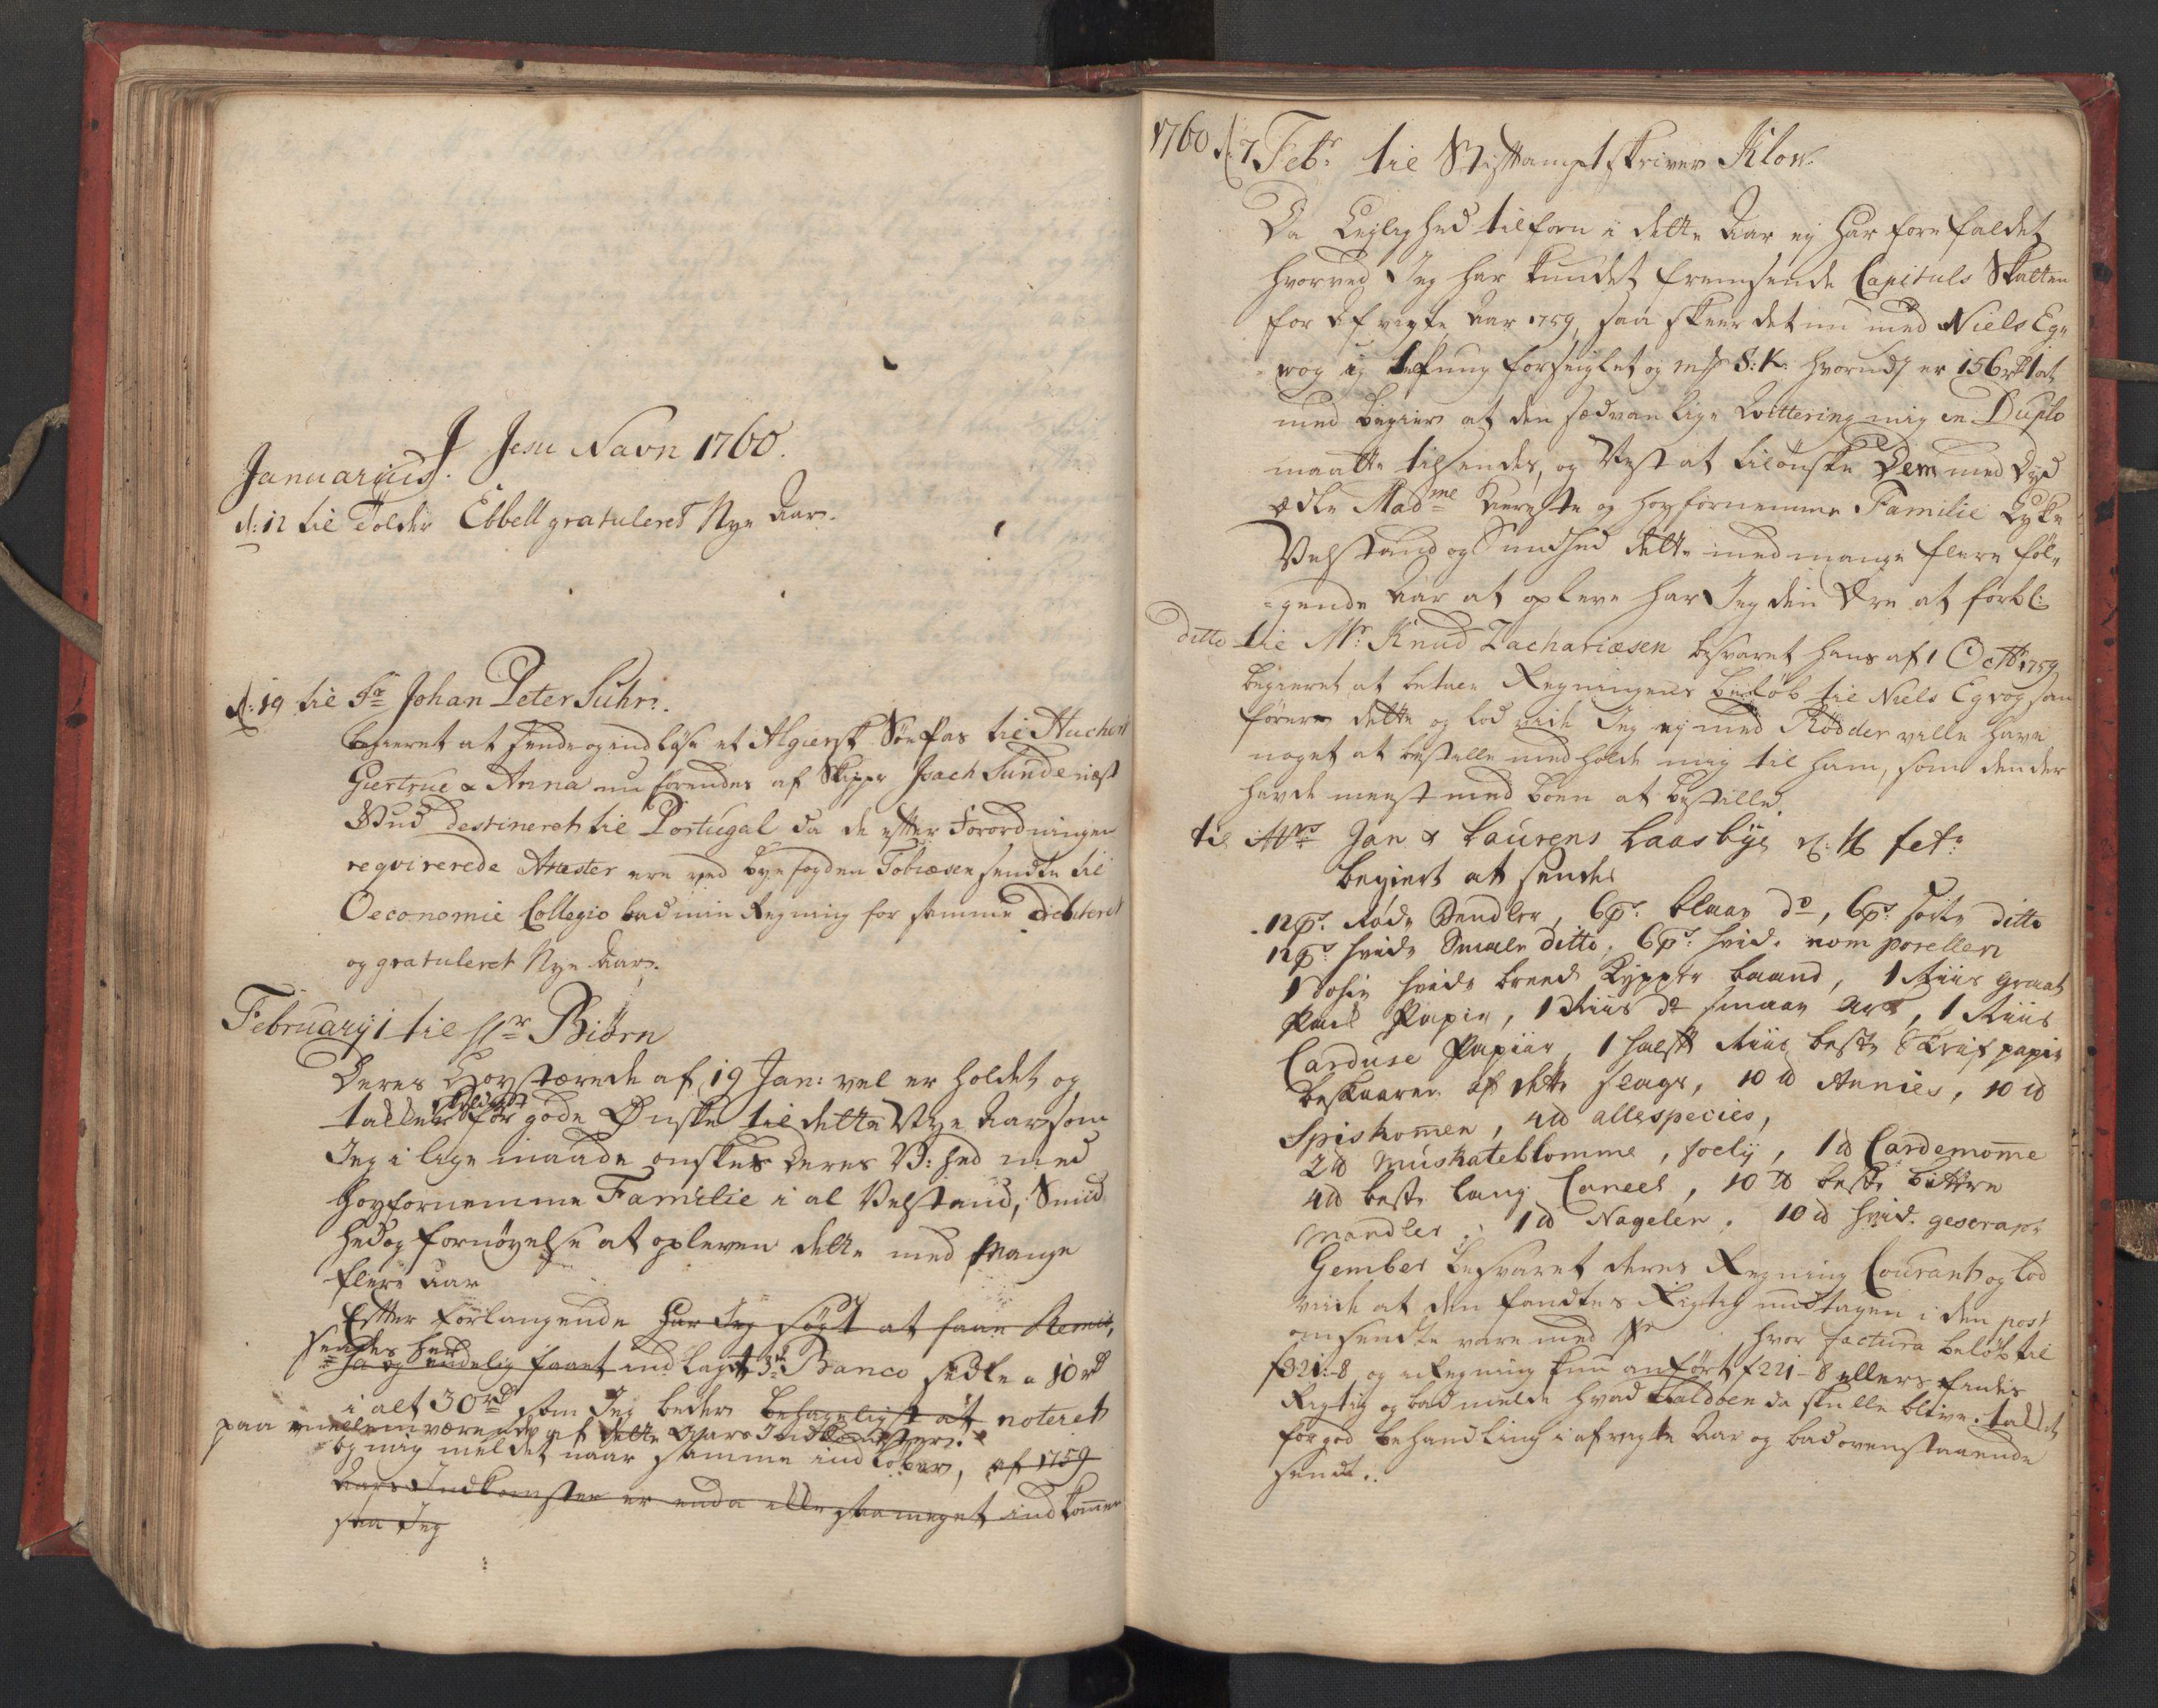 SAST, Pa 0119 - Smith, Lauritz Andersen og Lauritz Lauritzen, O/L0002: Kopibok, 1755-1766, s. 91